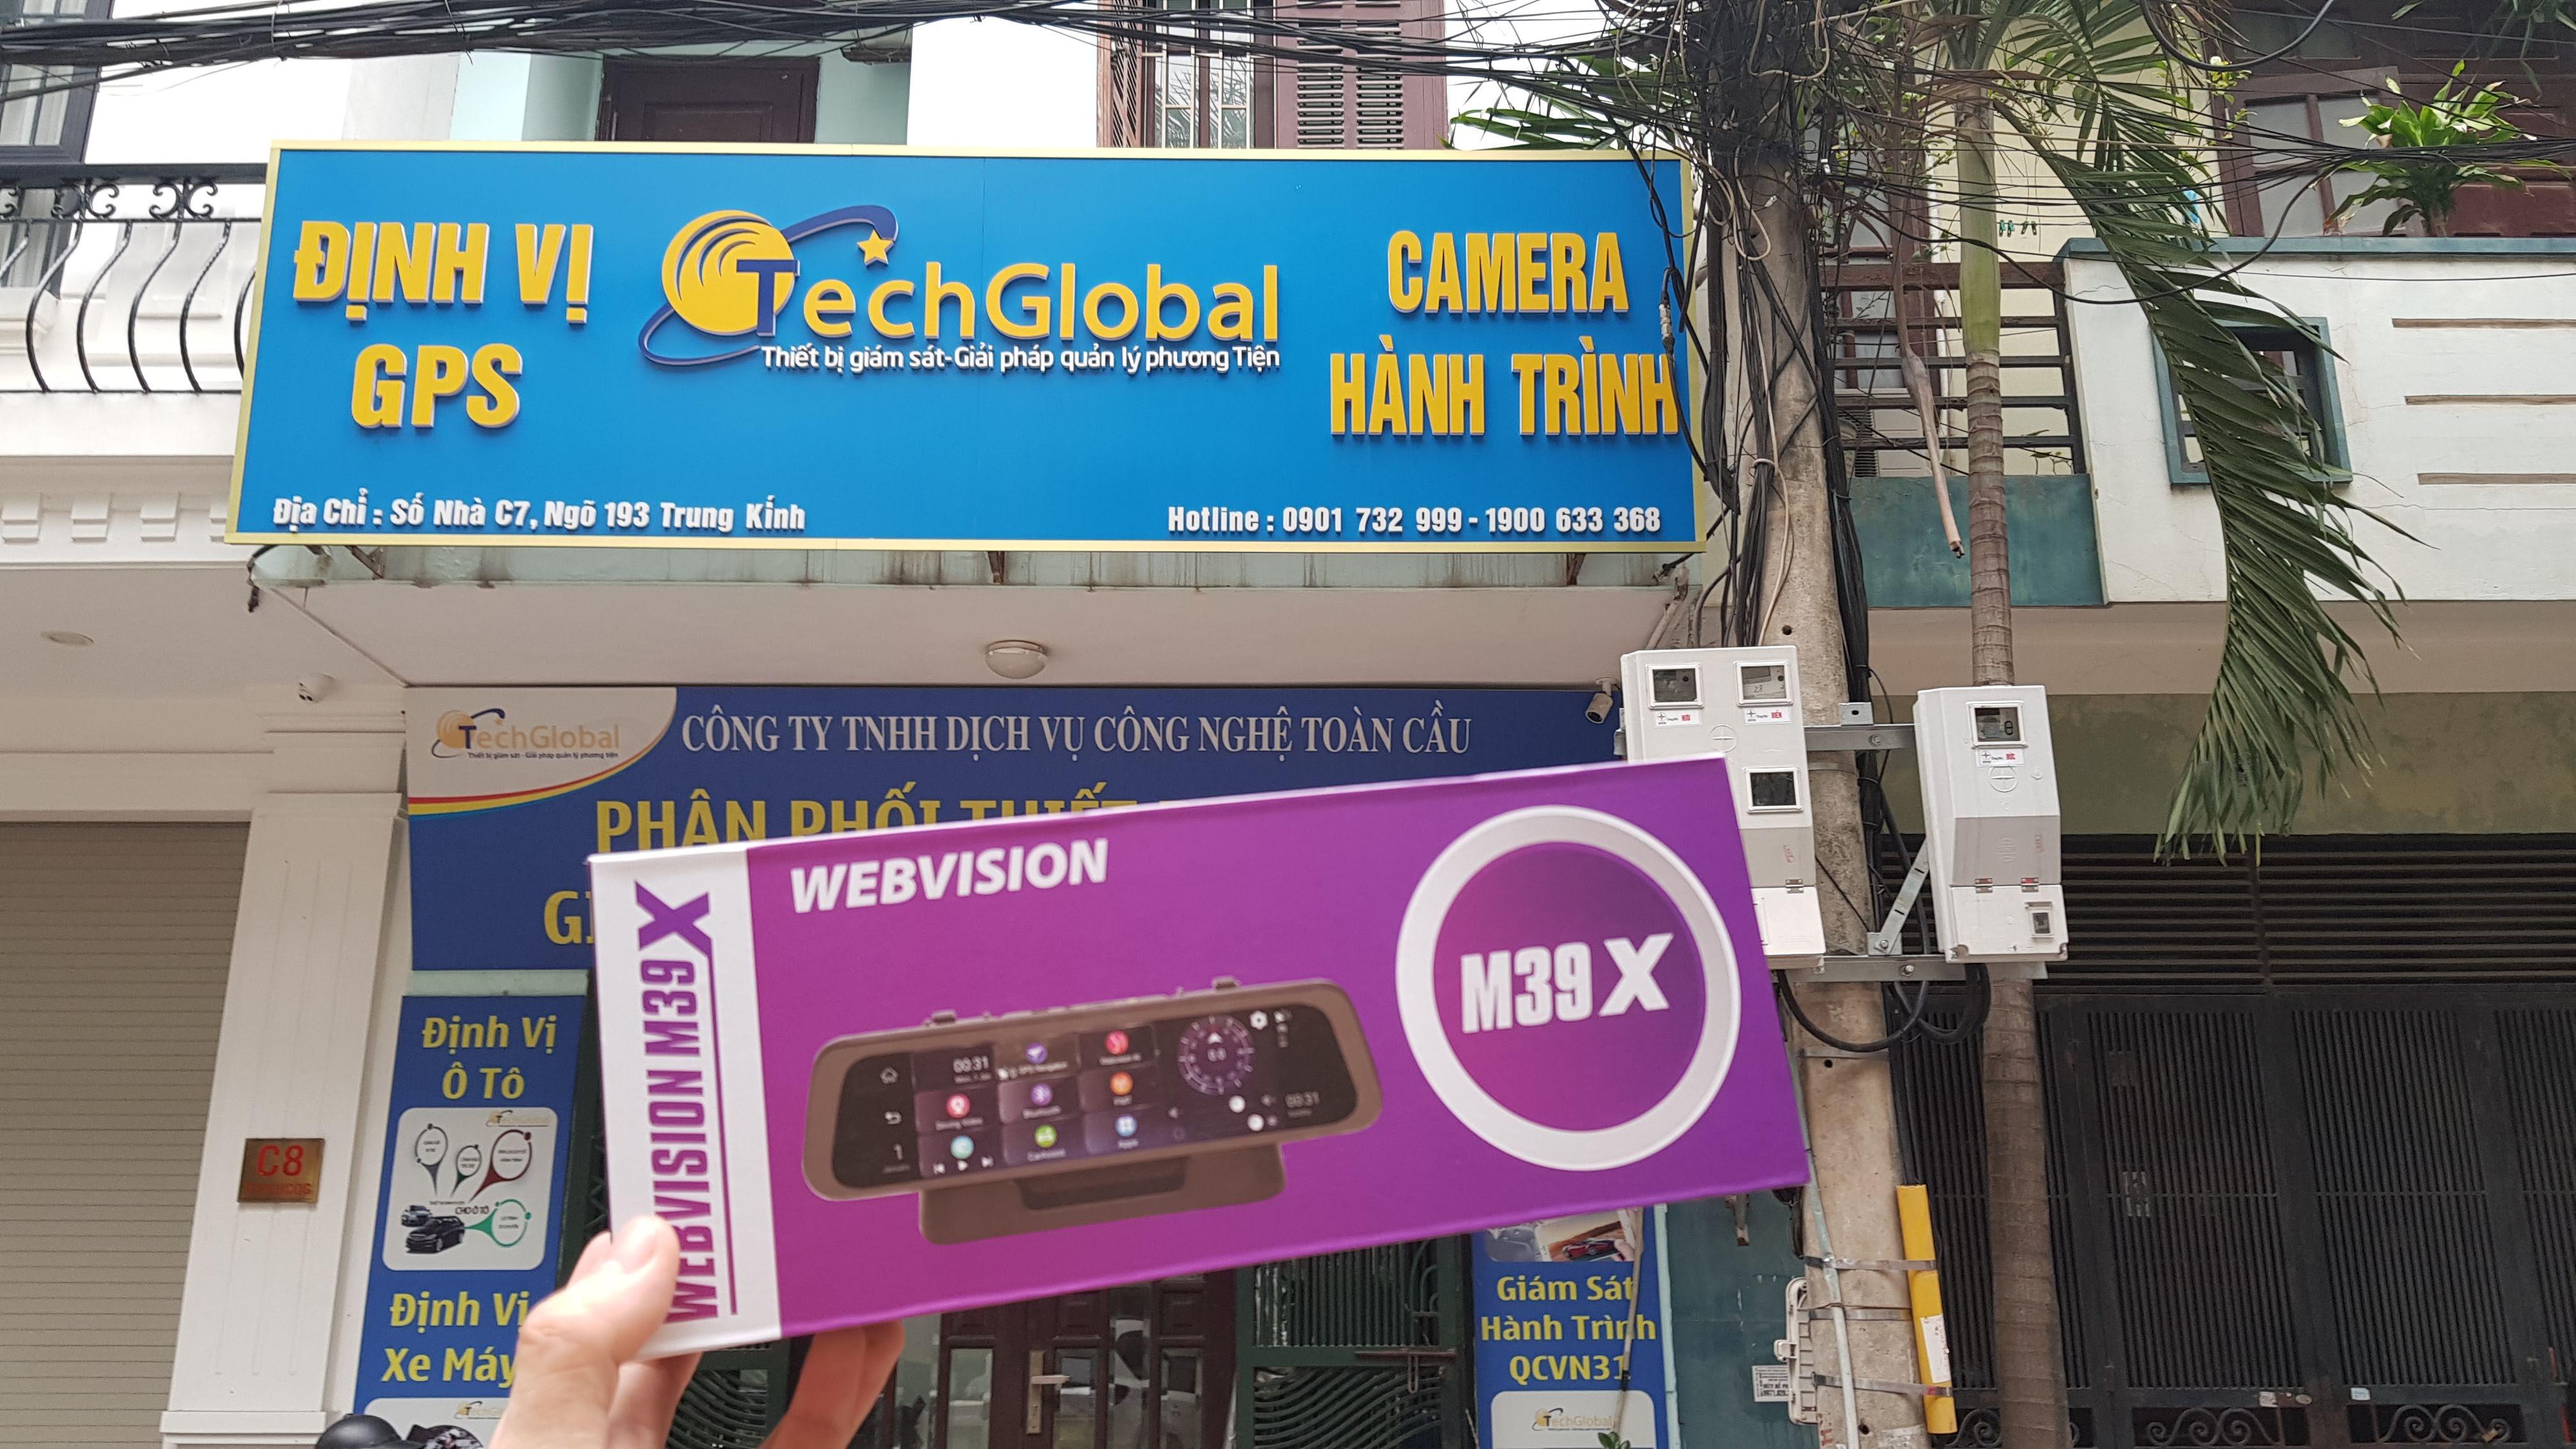 Camera Hành Trình Gương Cao Cấp Webvision M39X AI - Hộ Trợ Lái Xe An Toàn-115